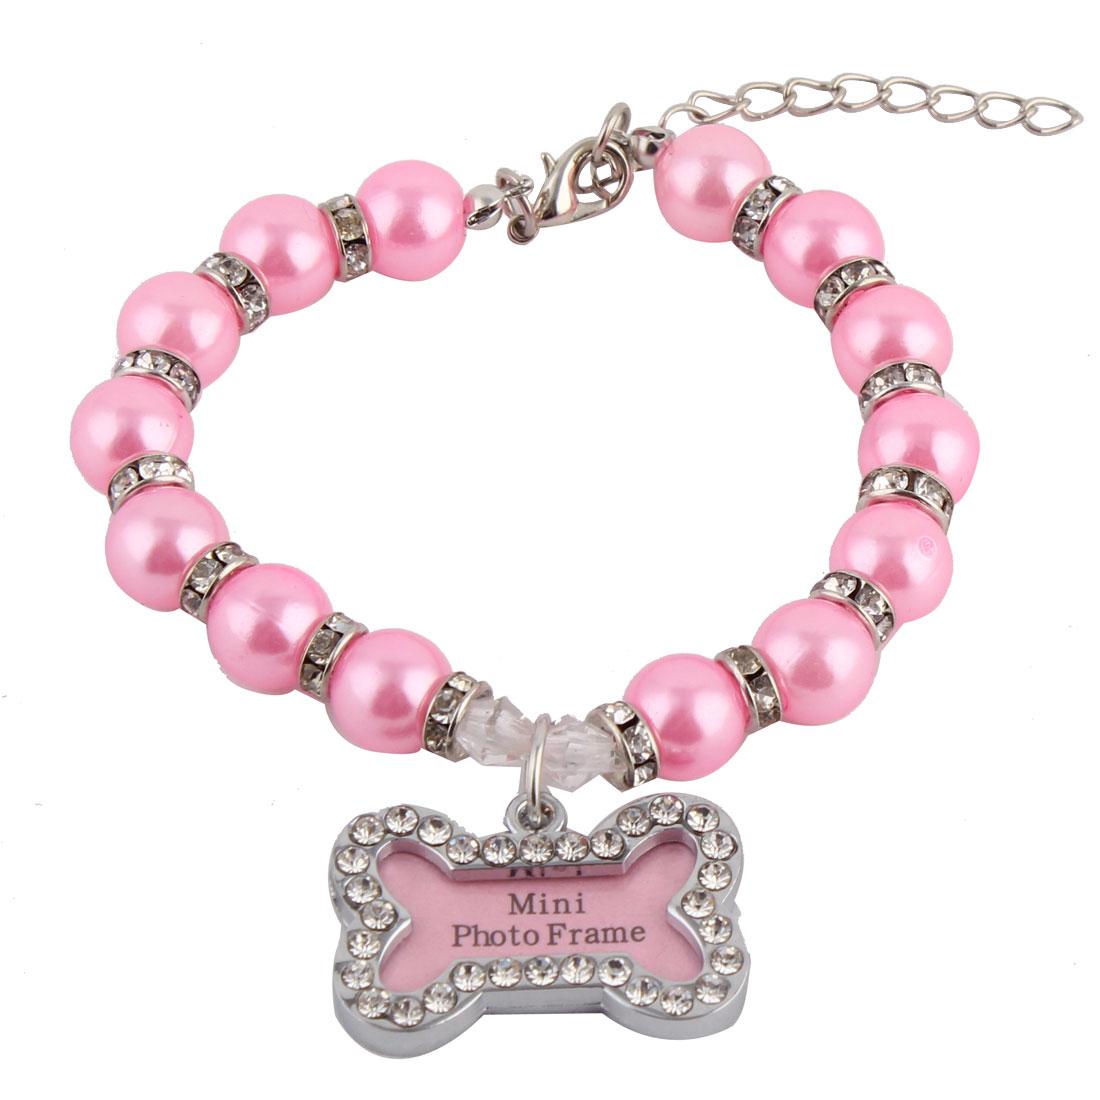 Pet Dog Plastic Round Beads Linked Bone Shaped Pendant Decor Necklace Dark Pink